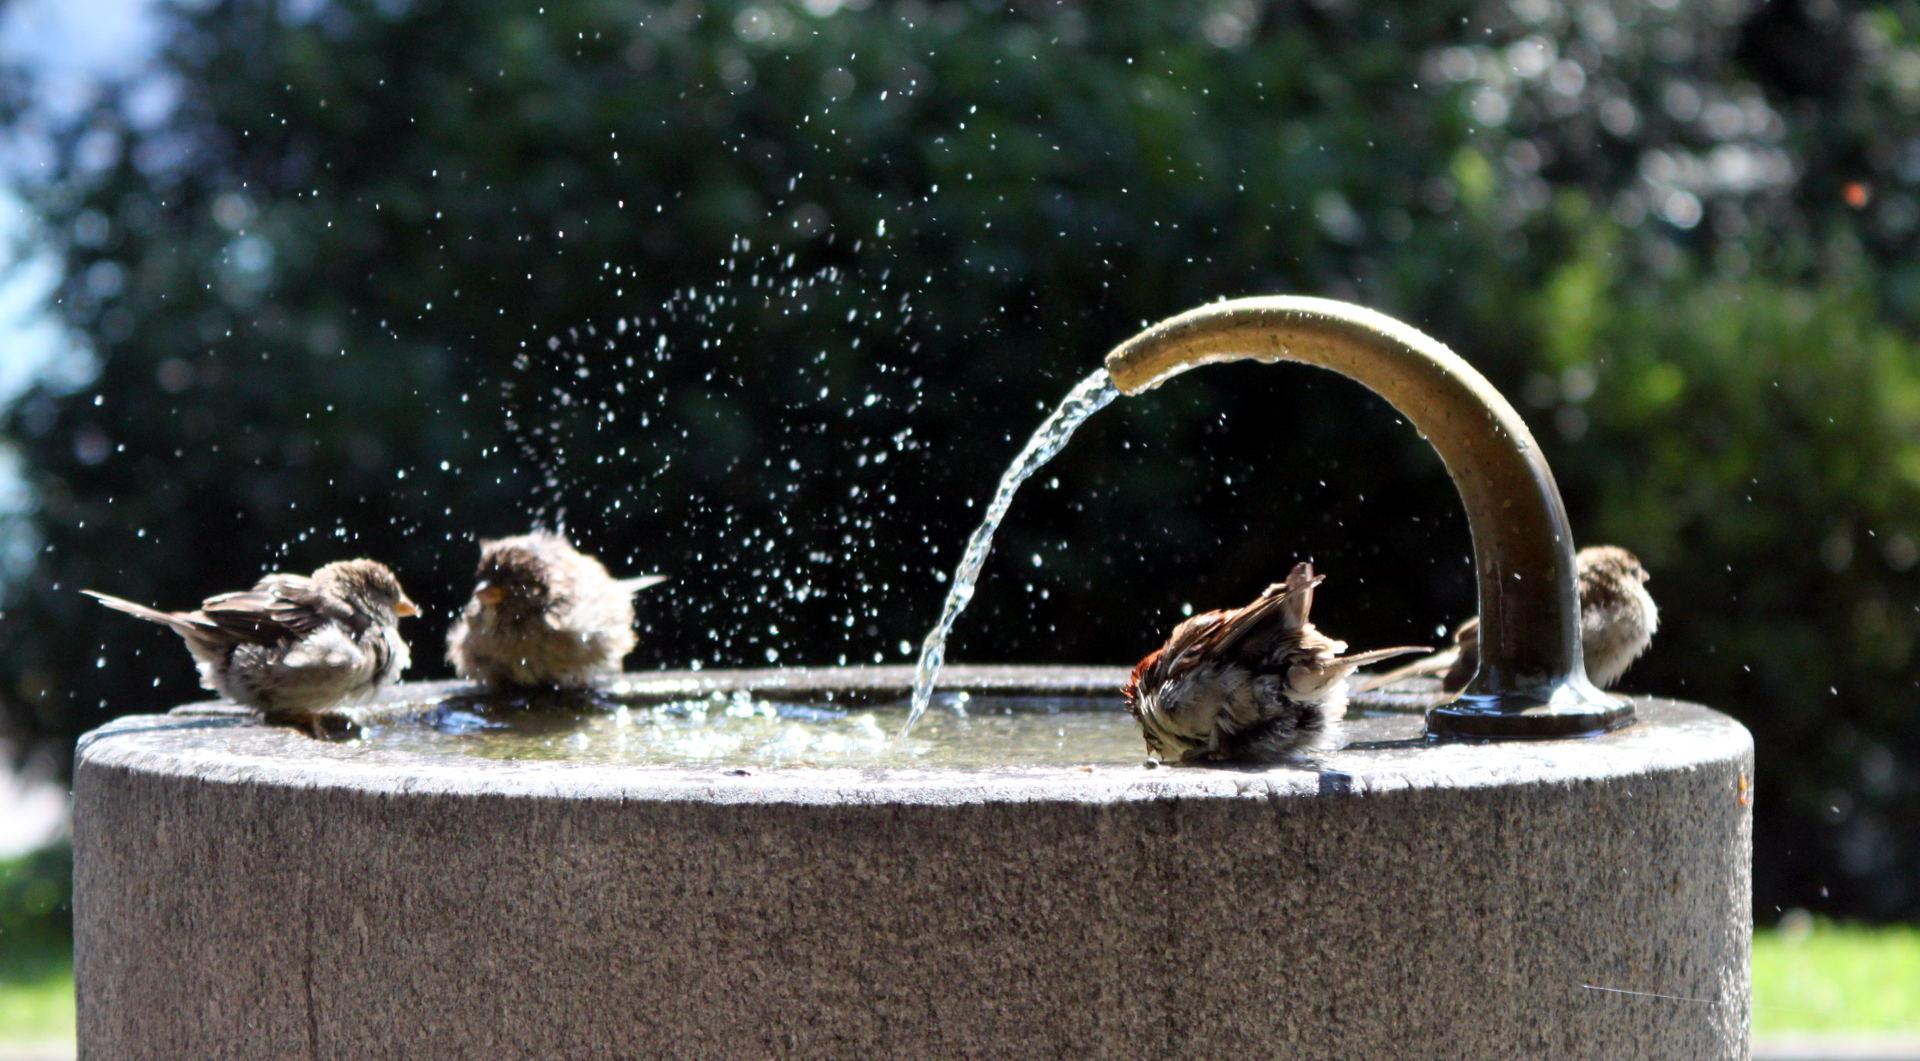 szwajcaria lugano miastolugano szwajcarialugano luganopark wroble fontanna iglawpodrozy